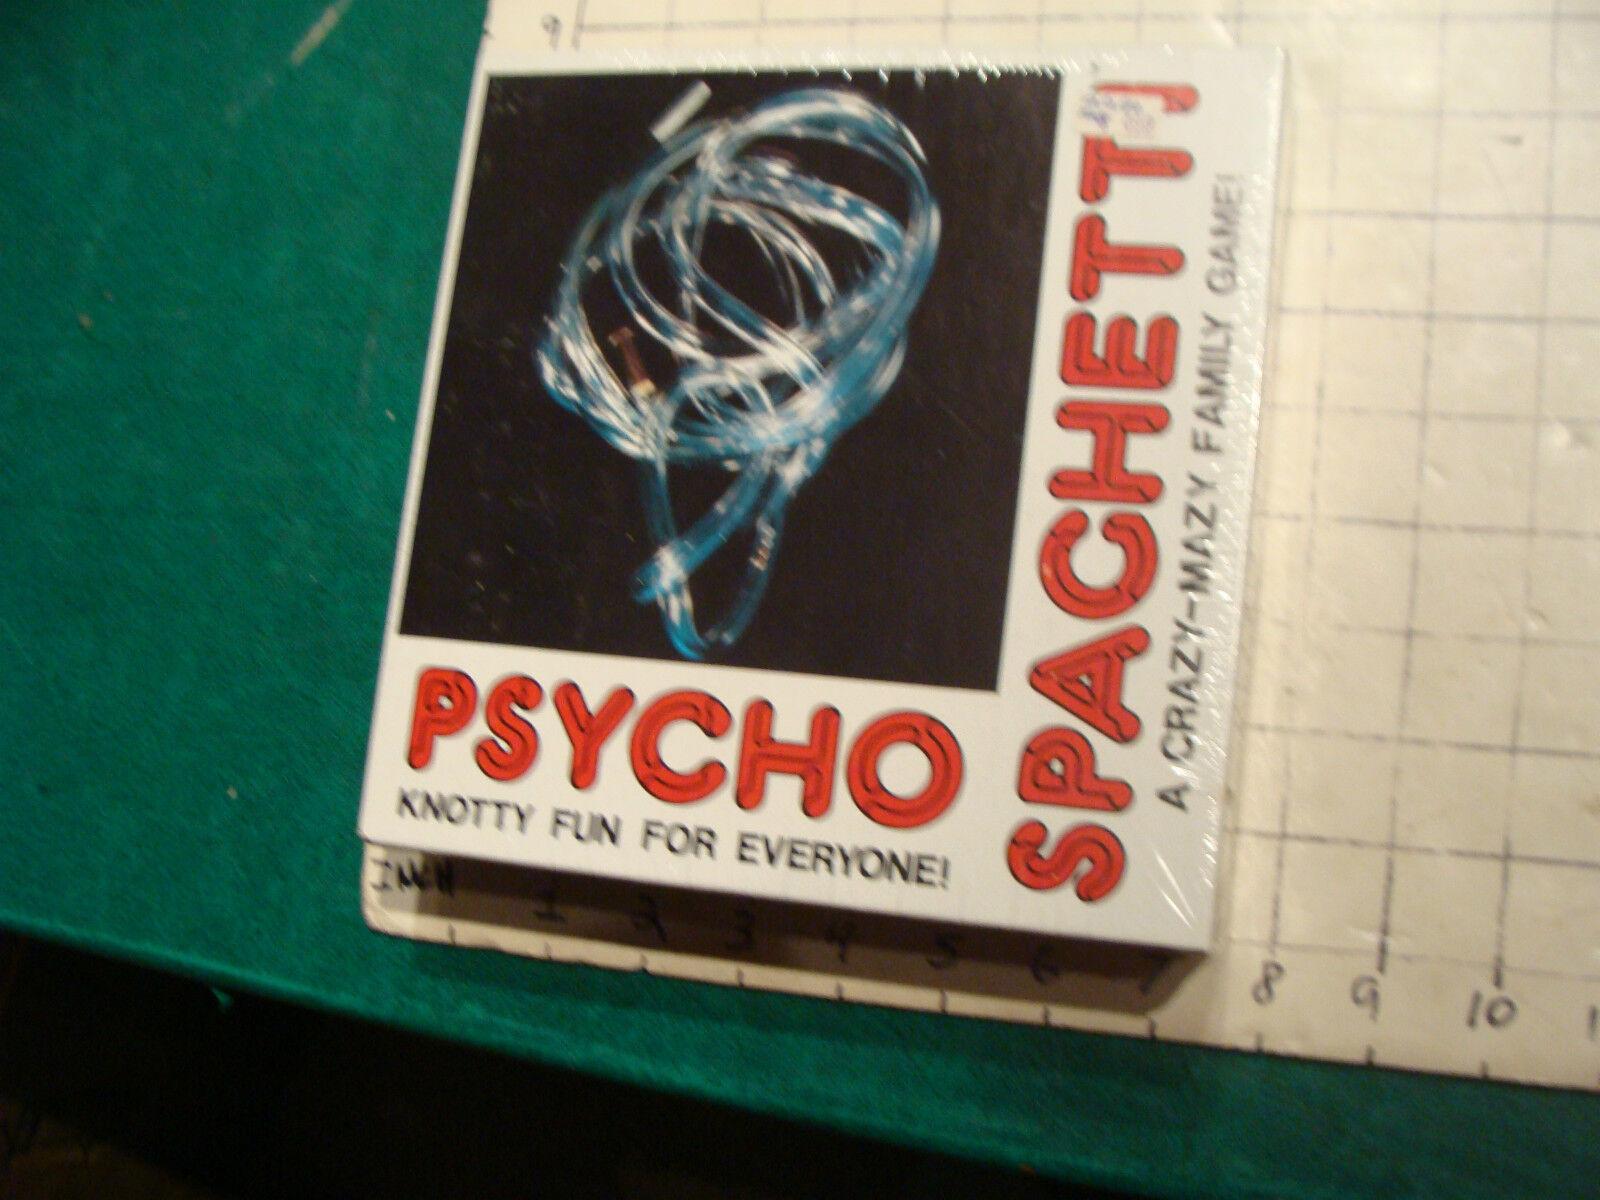 Vintage non utilisé Scellé  Psycho Spaghetti  noueuses Fun pour tout le monde, Scellé  en soldes